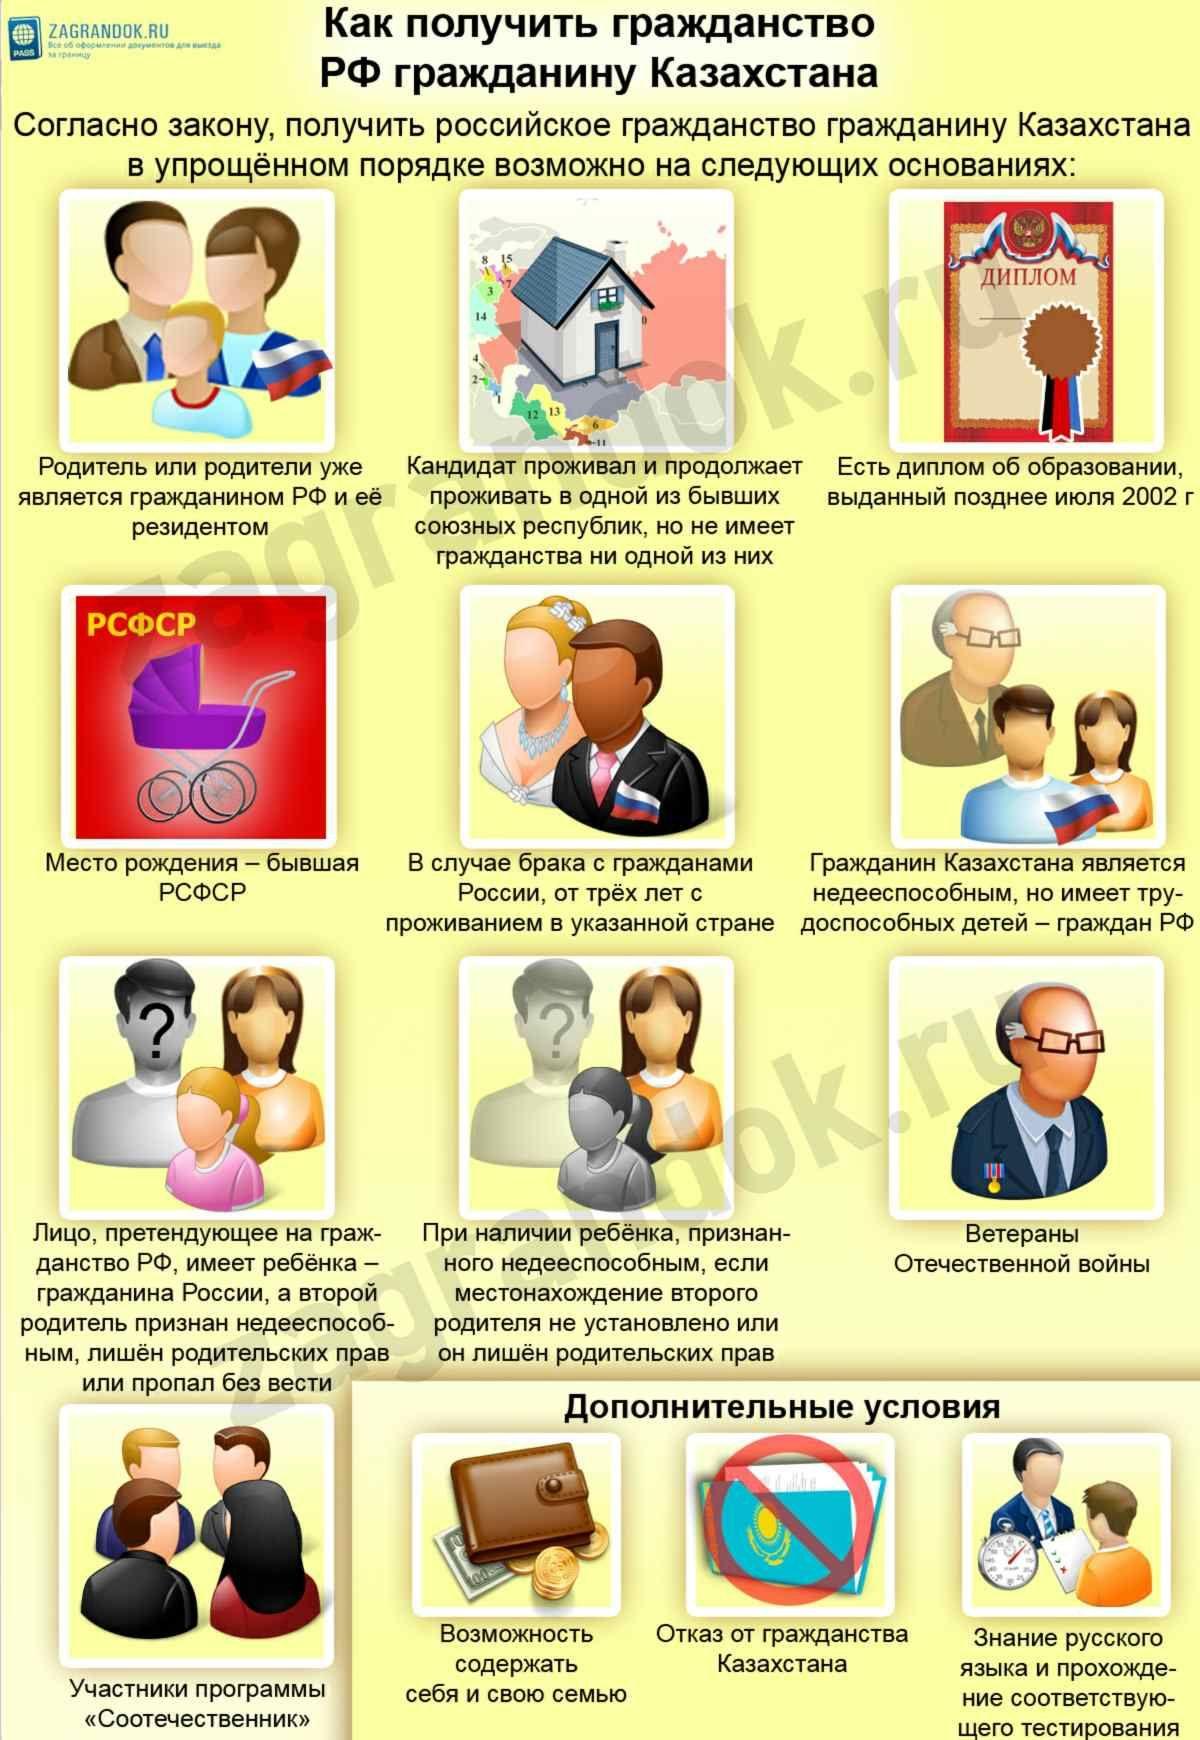 Чтобы получить гражданство рф регистрация граждан где должна быть